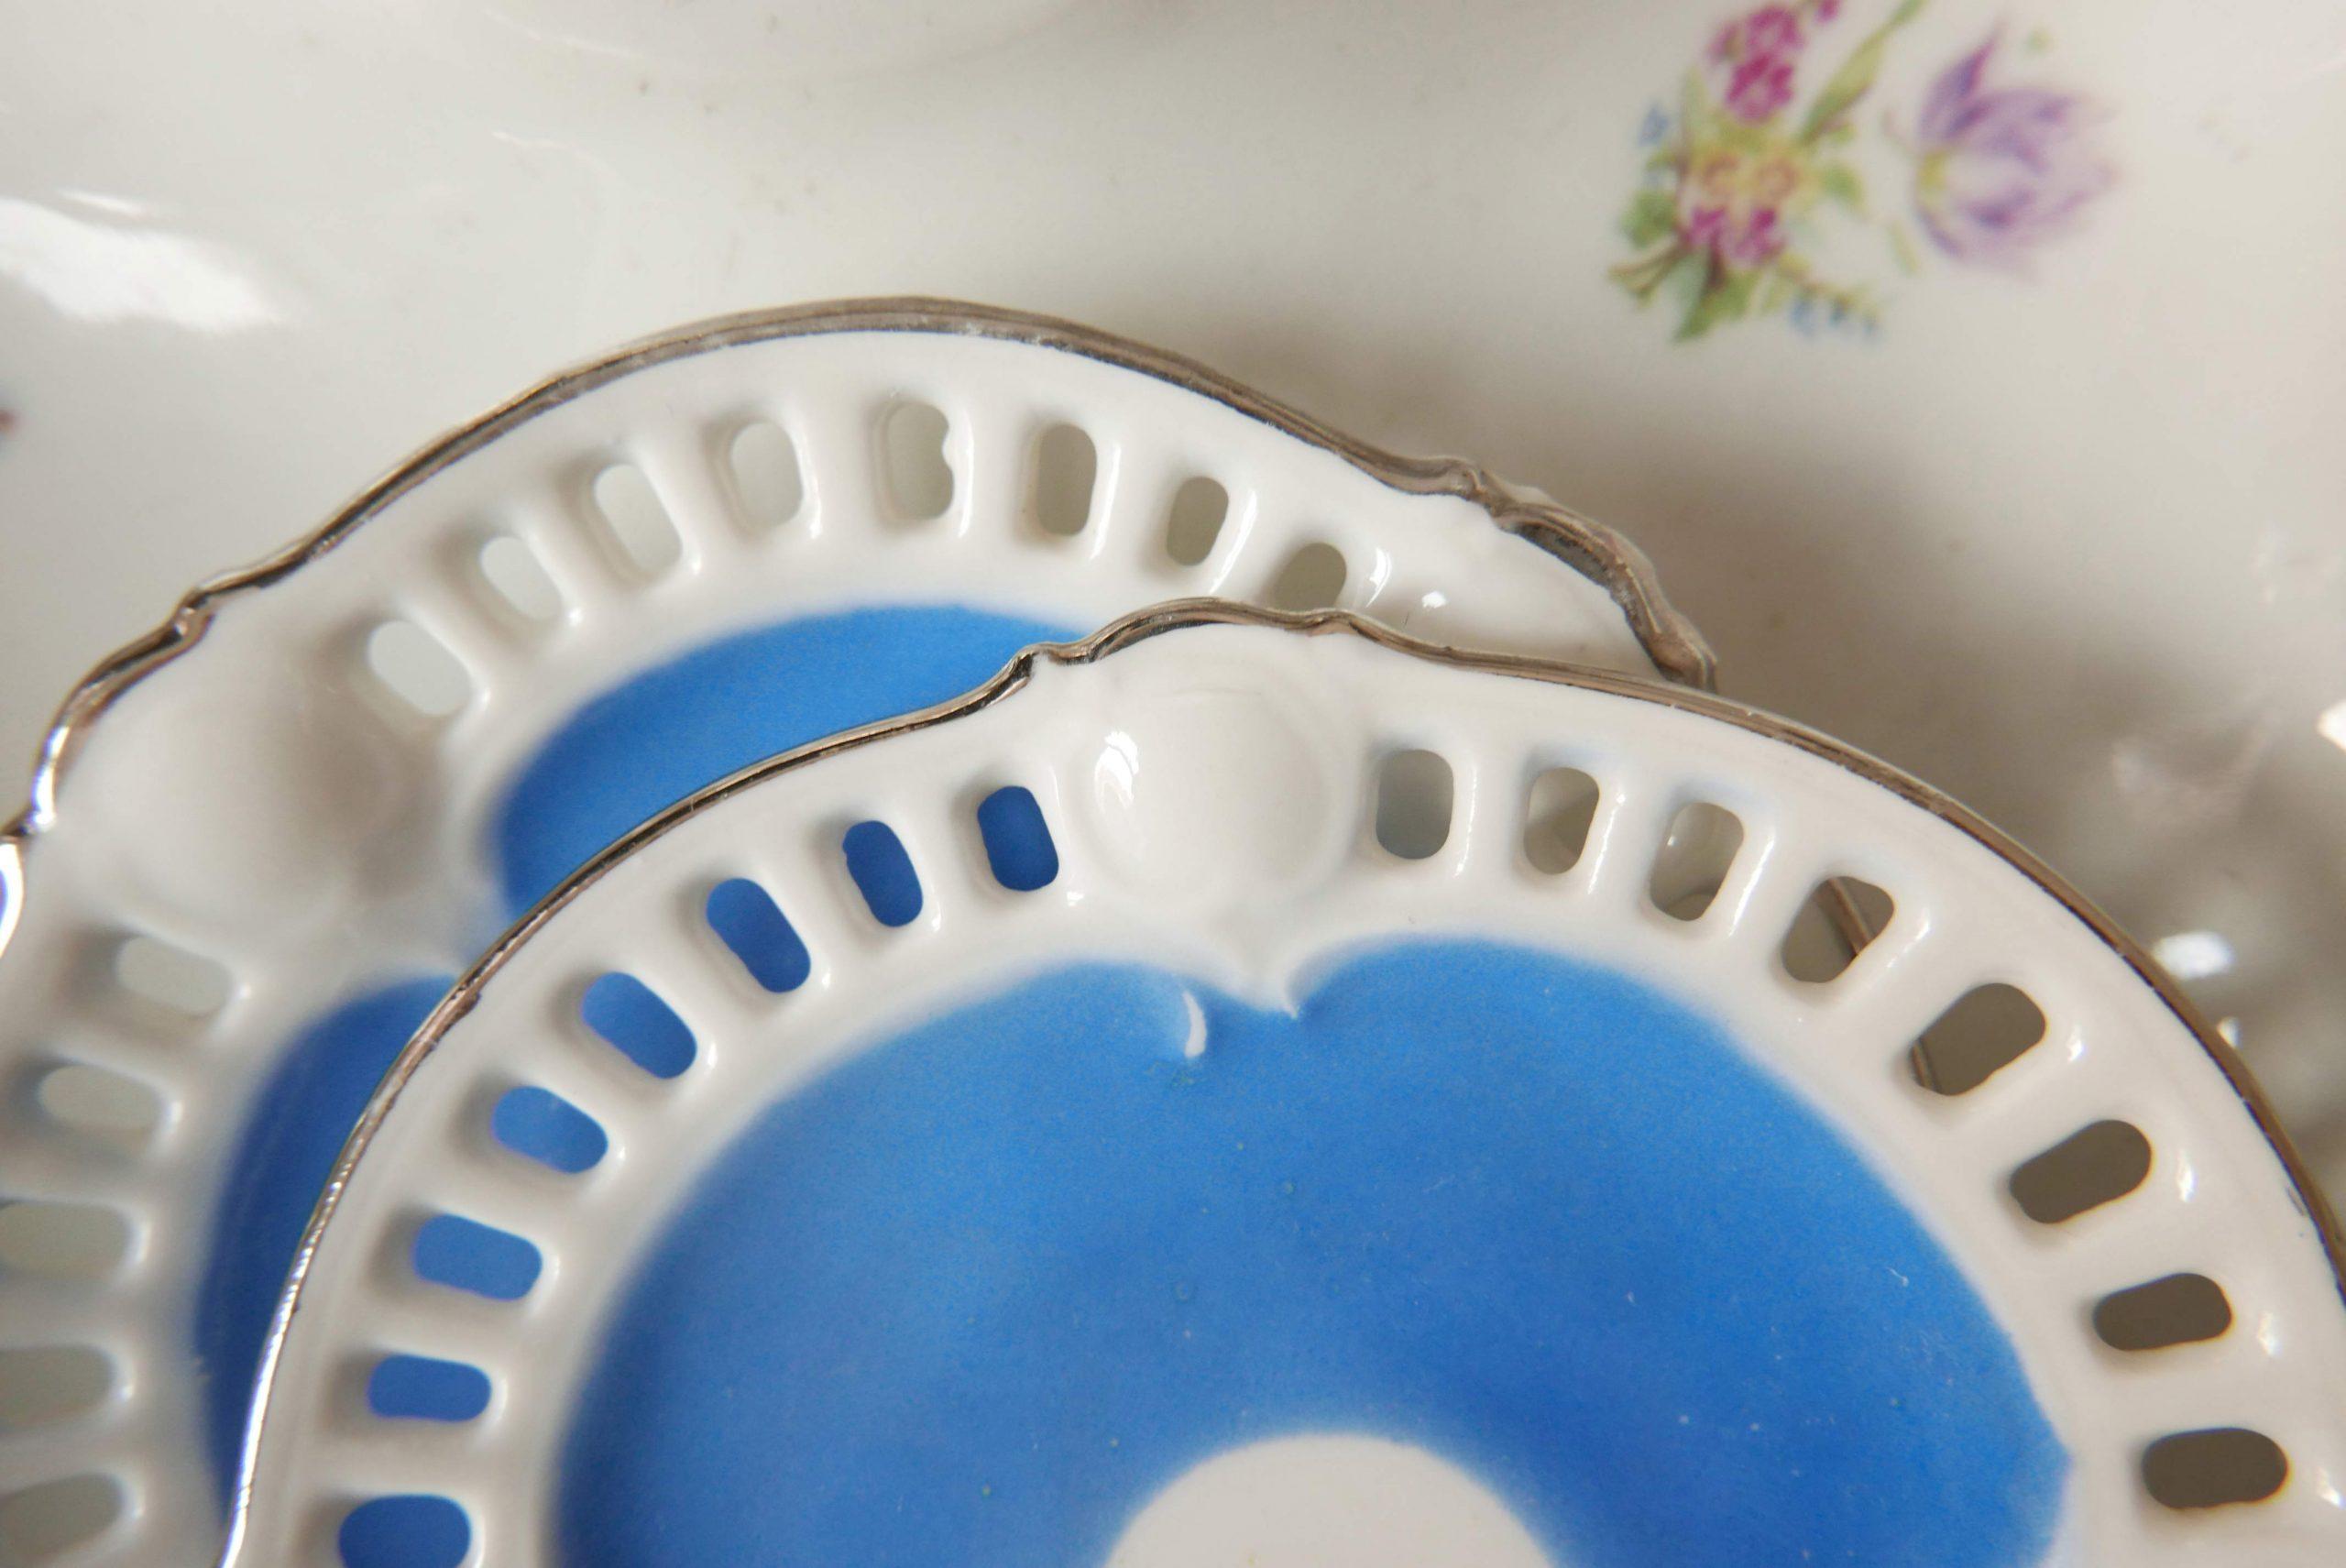 Zwei kleine blaue Tellerchen mit Lochmuster am Rand